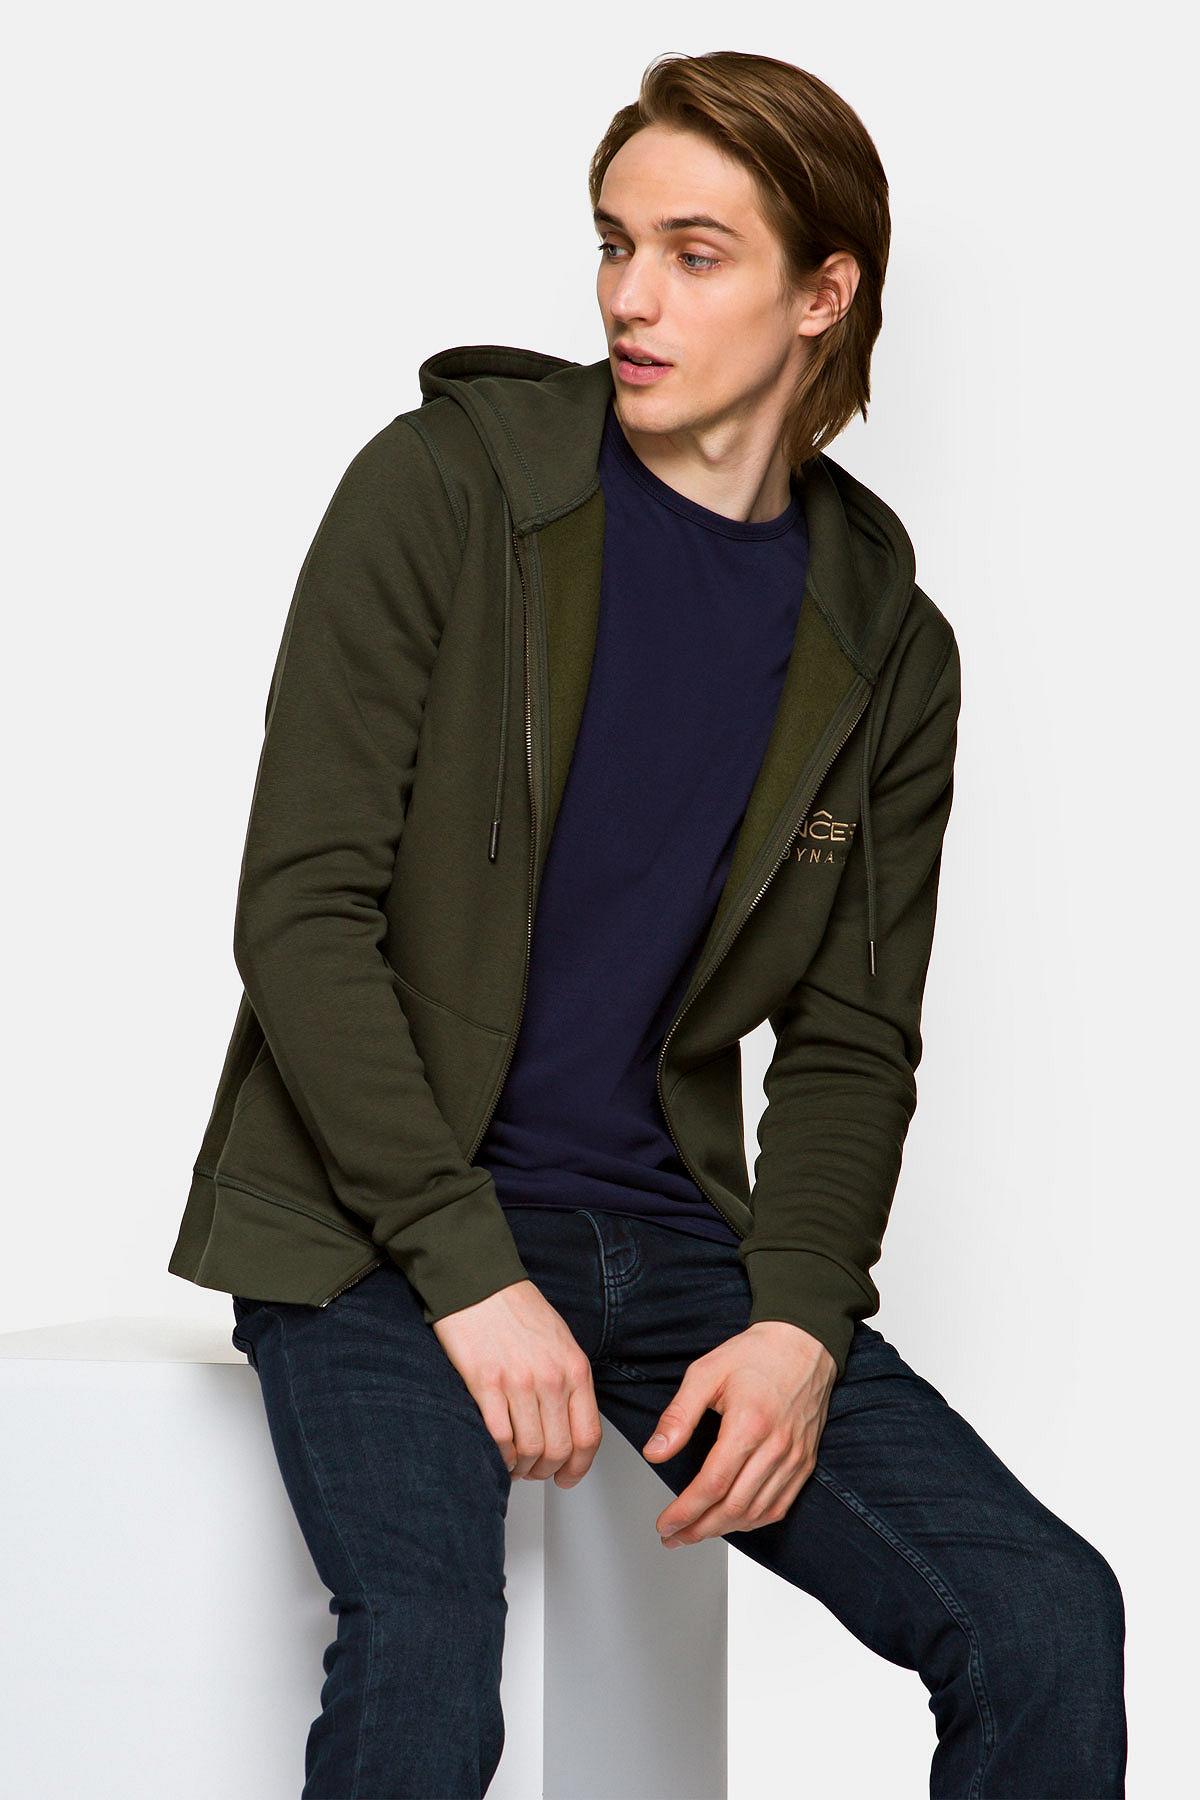 Bluza Zielona Rozpinana z Kapturem Rider rozmiar 2XL; L; M; XL